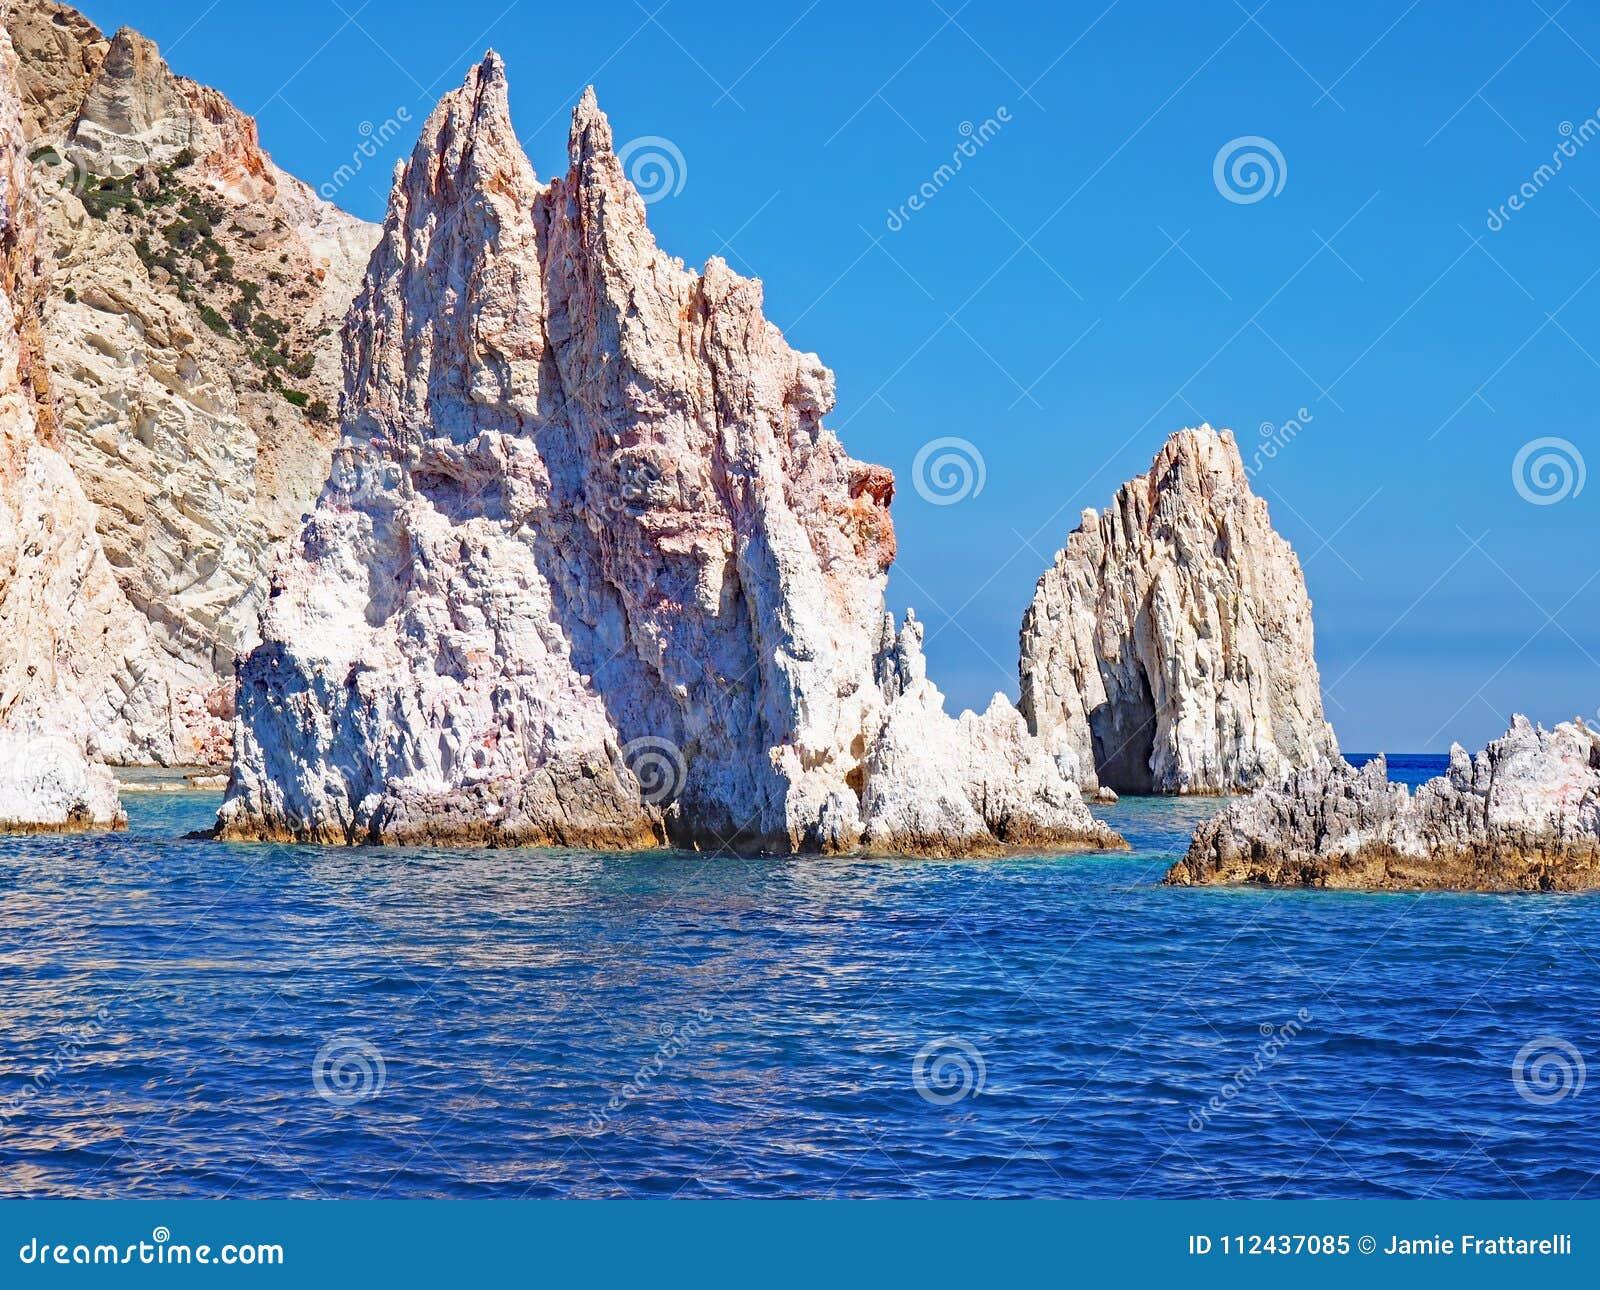 Les formations de roche de Polyaigos, une île des Cyclades grecques